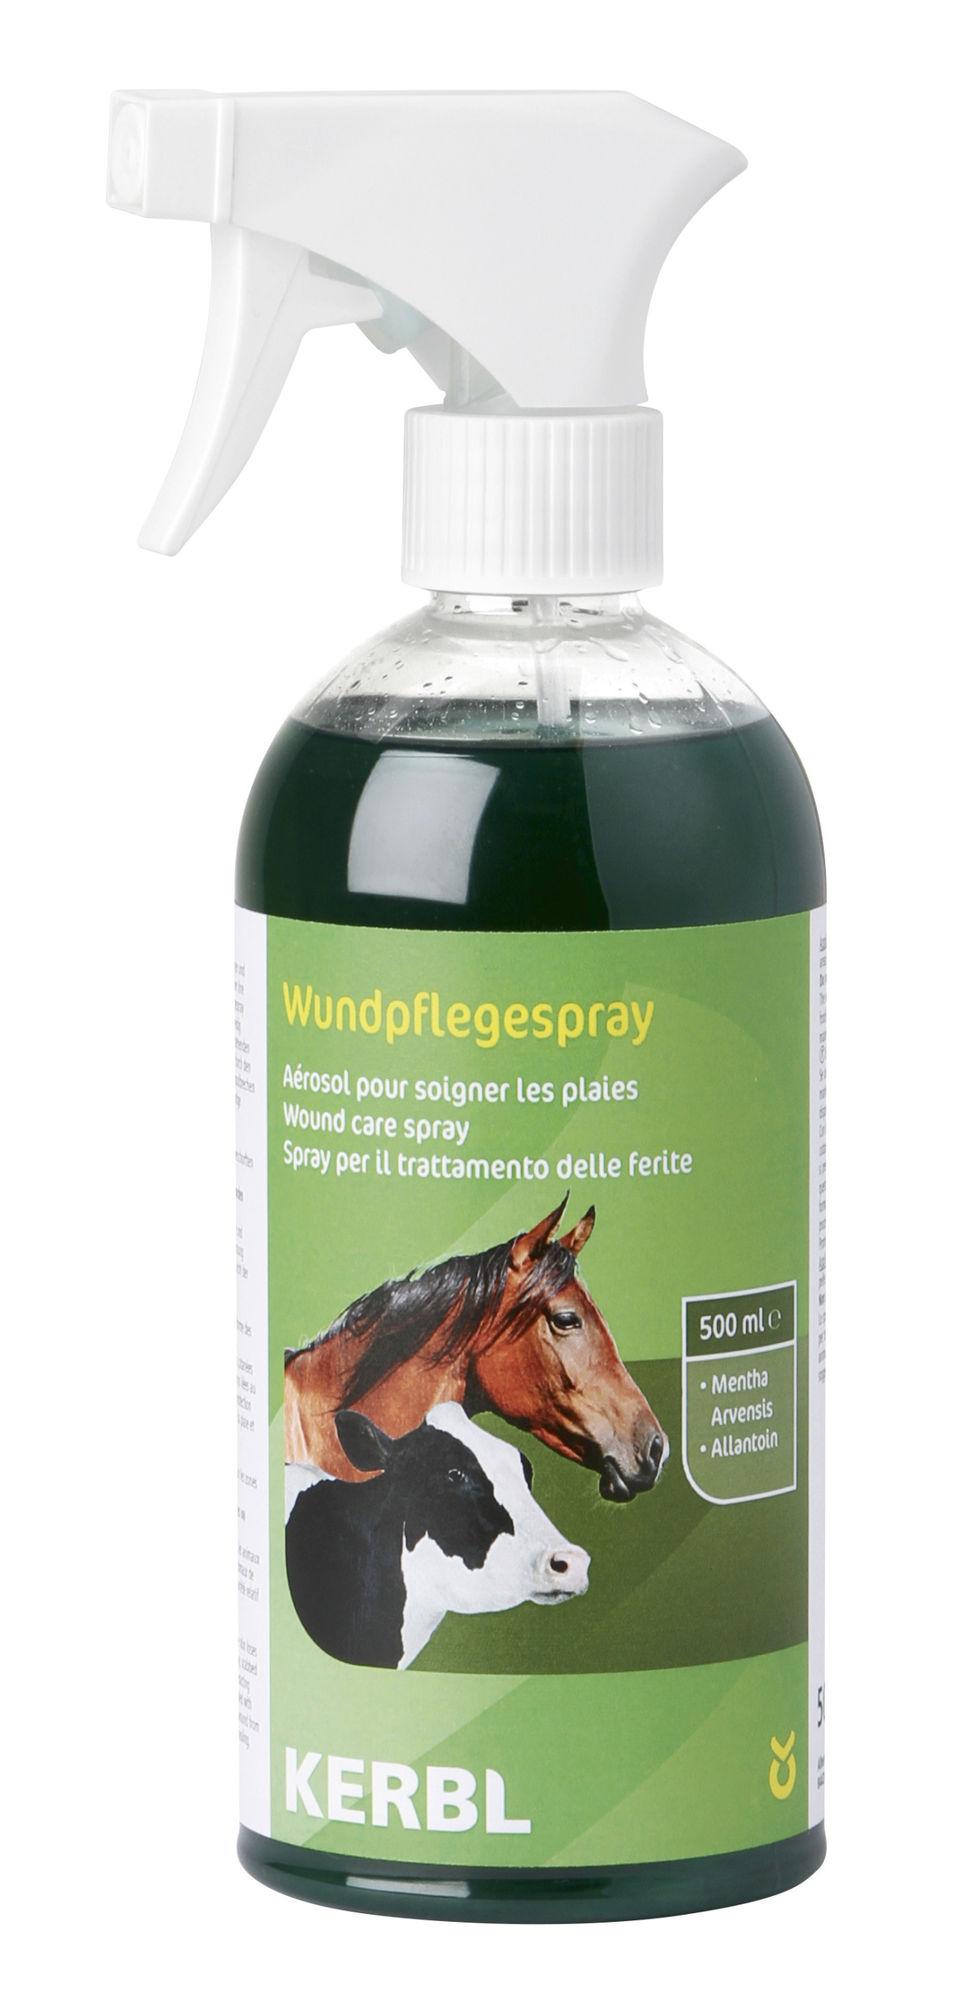 Wundpflegespray 500 ml gebrauchsfertig